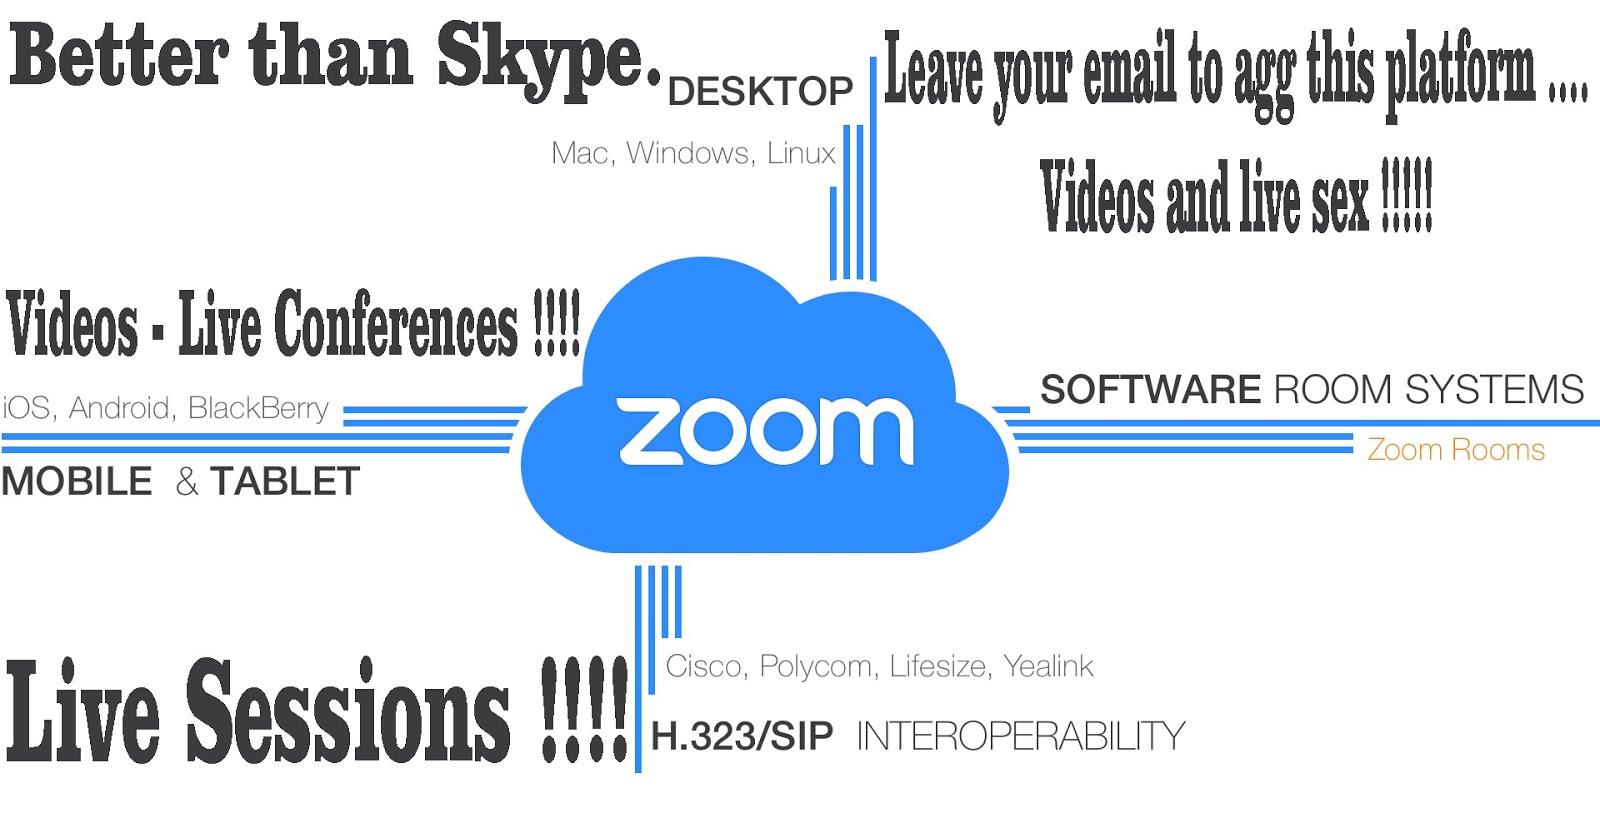 Aplicación mejor que Skype !!!!